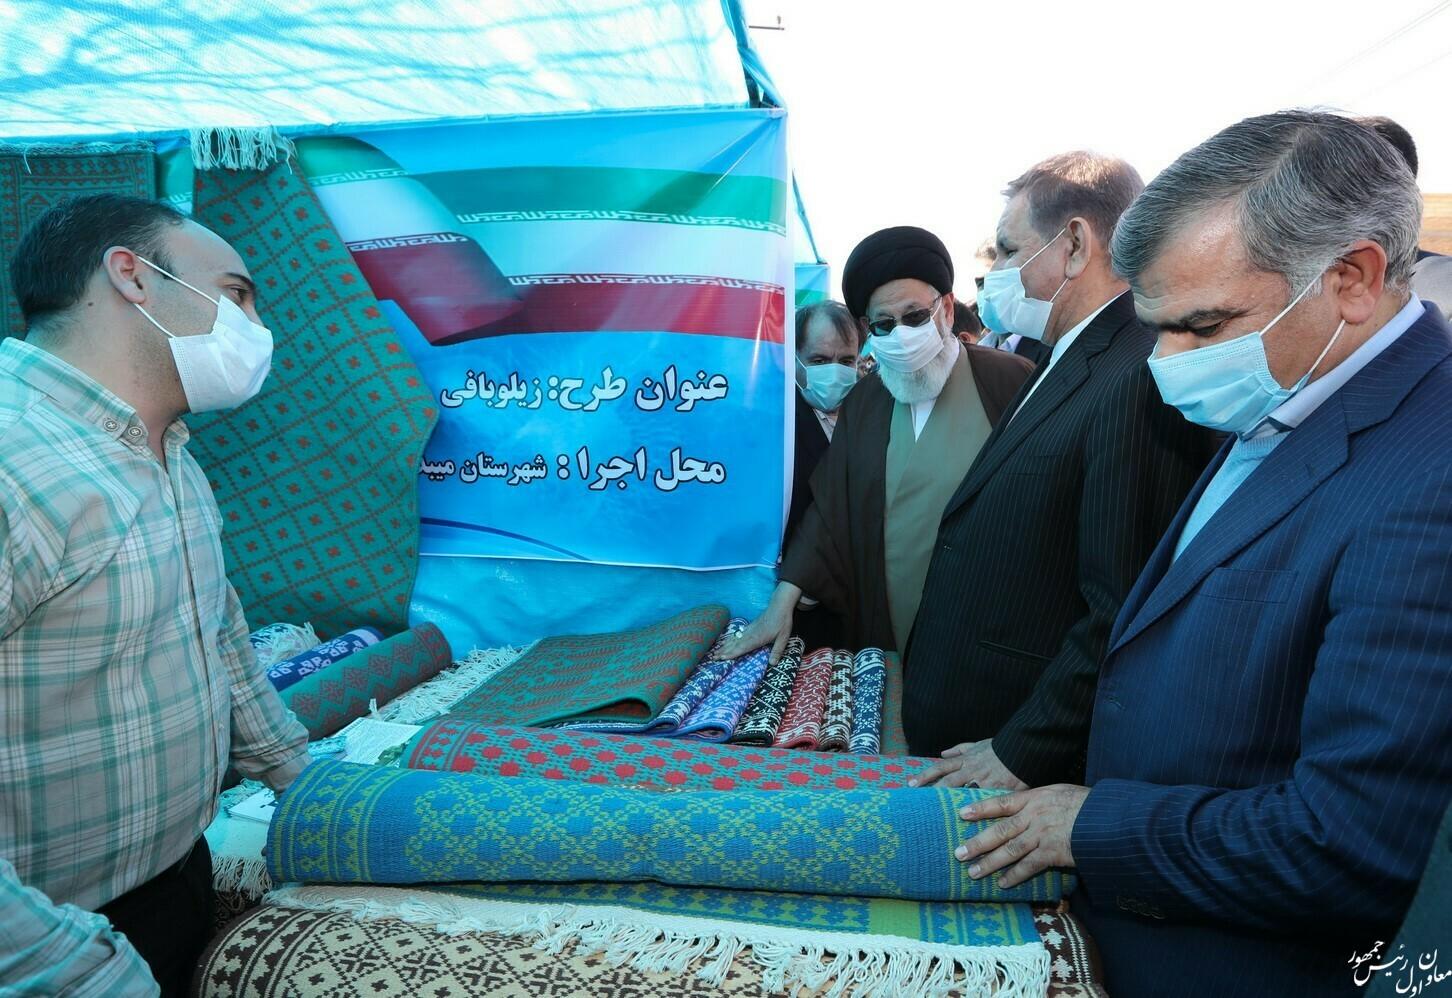 افتتاح مرکز سلامت در یزد